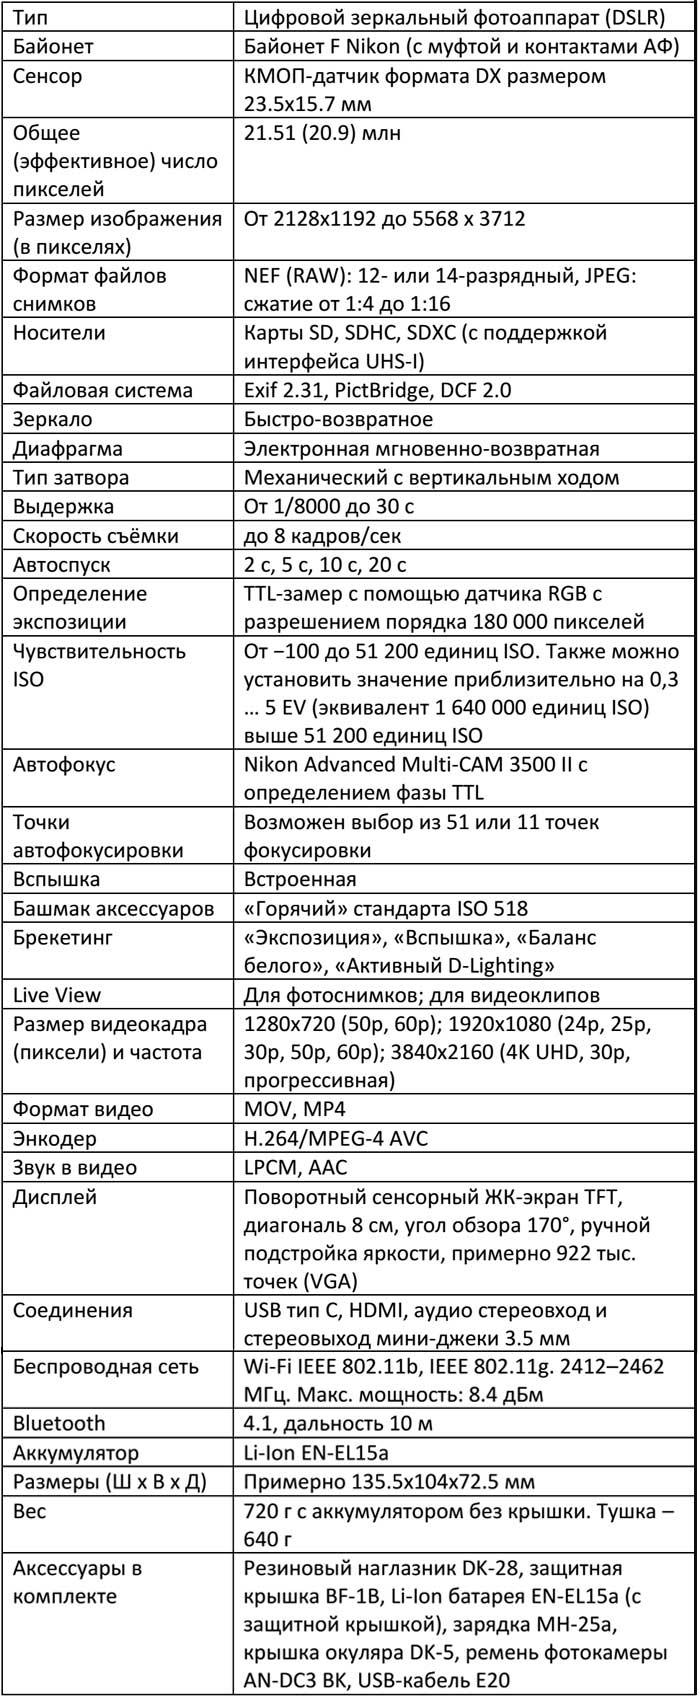 Характеристики D7500